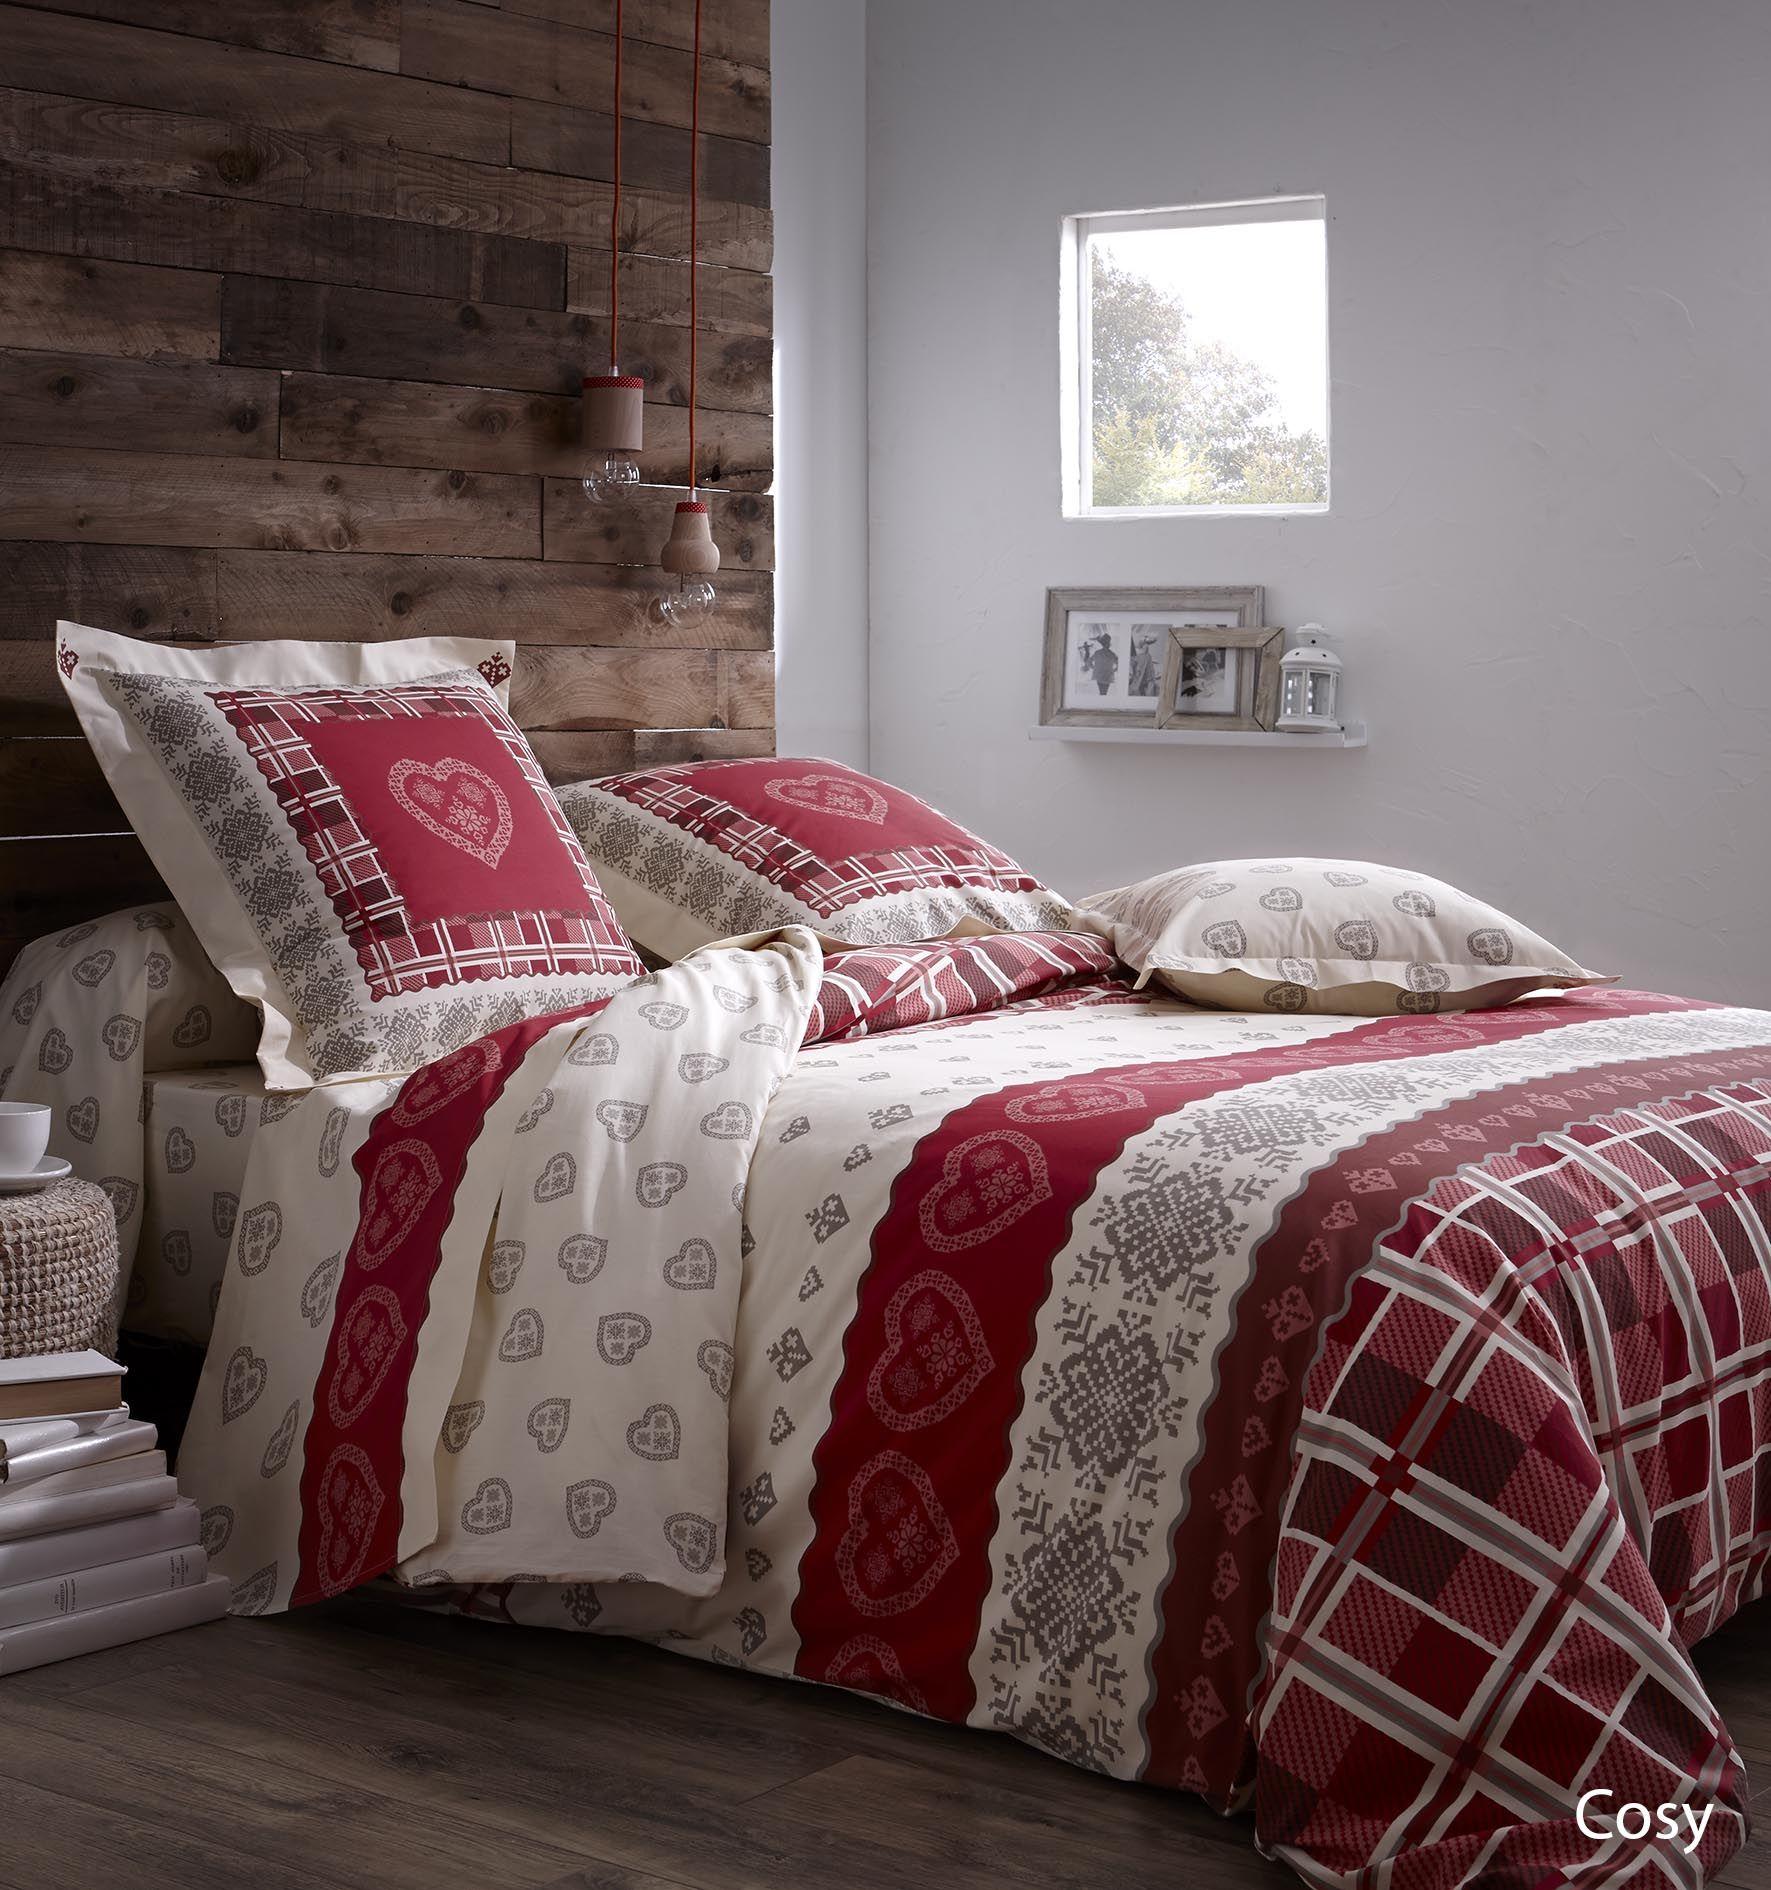 cosy nouveaut linge de lit made in france montagne rouge coeur ambiance maison et. Black Bedroom Furniture Sets. Home Design Ideas